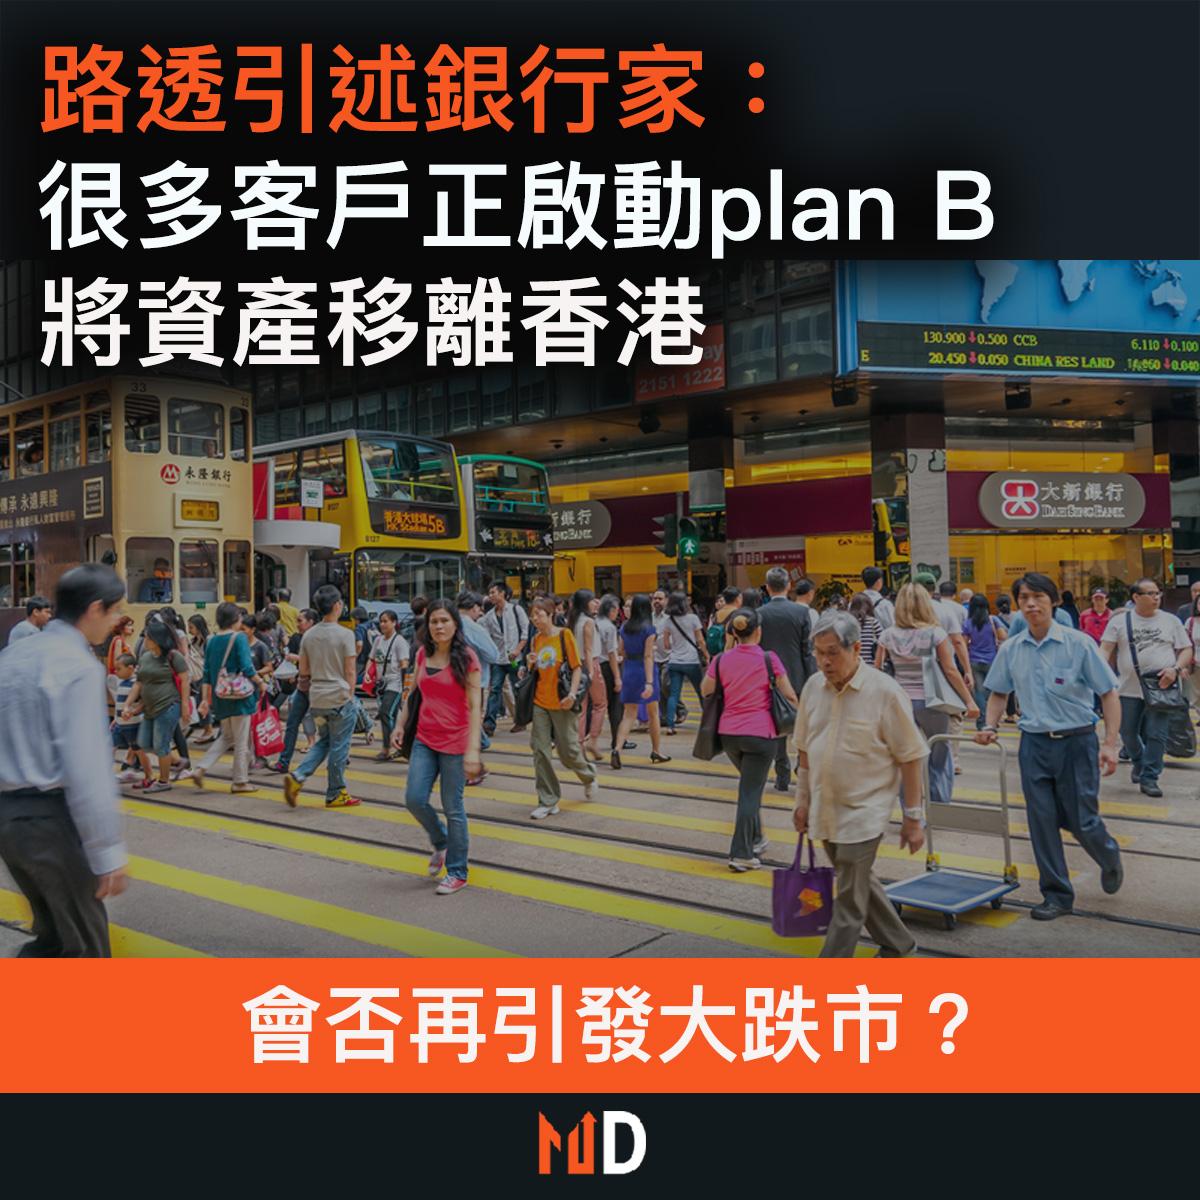 【市場熱話】《路透》引述銀行家:很多客戶正啟動plan B,將資產移離香港